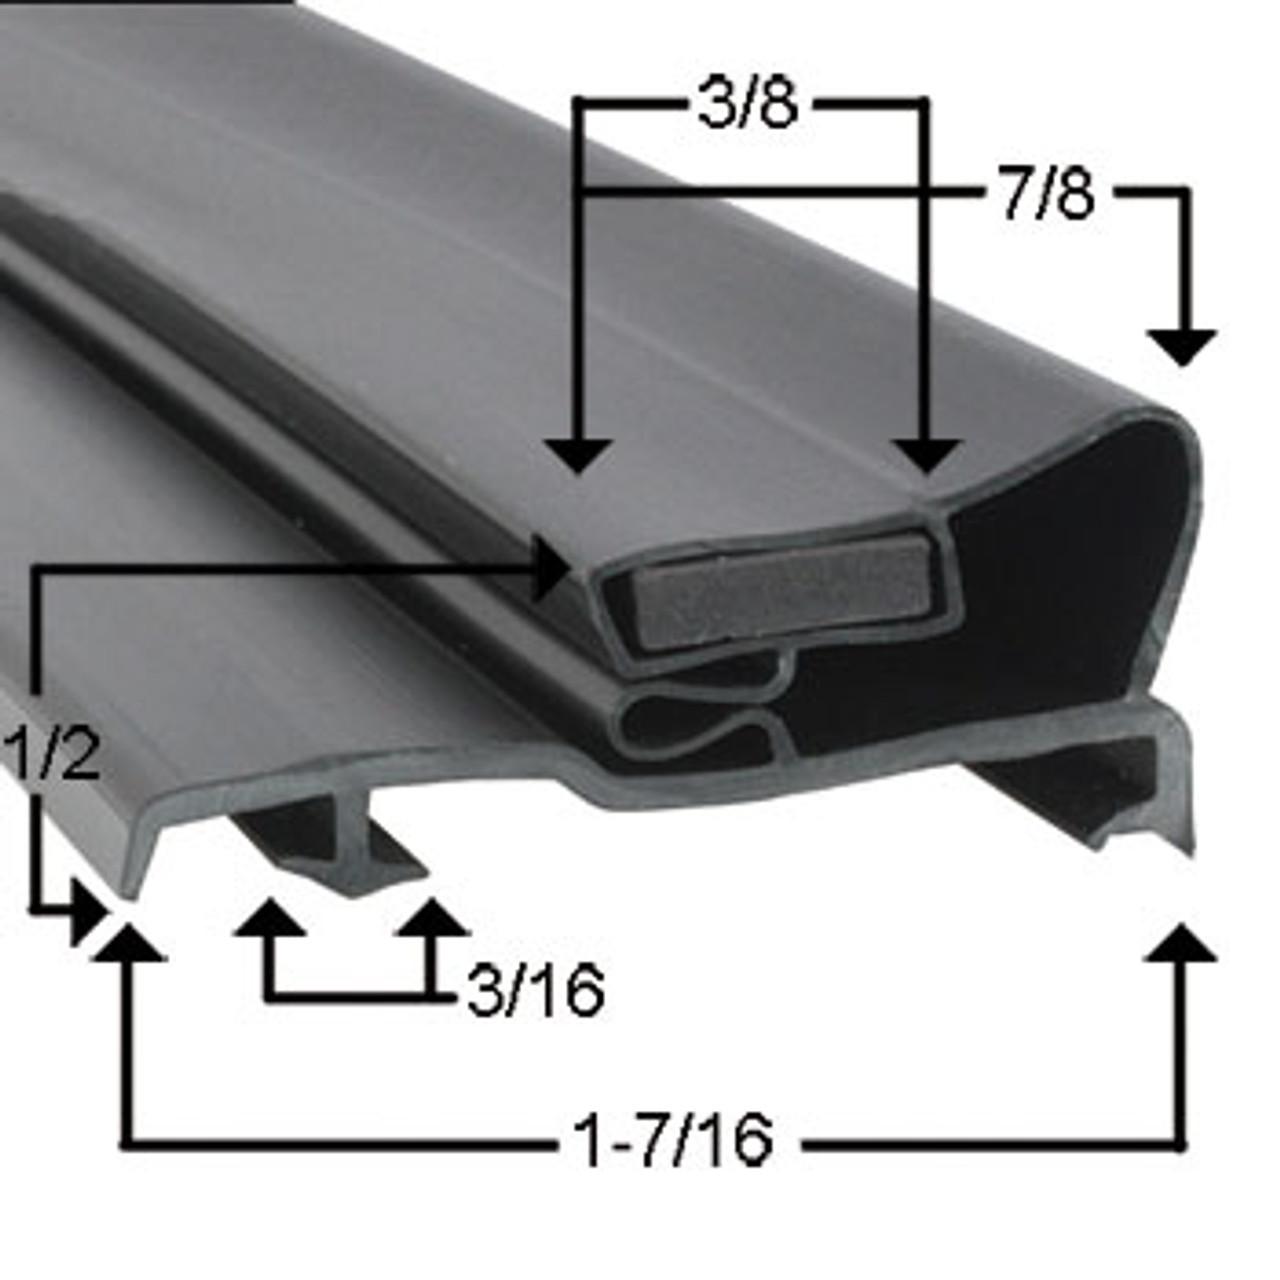 Ardco Door Gasket Profile 290 26 x 63 1/16